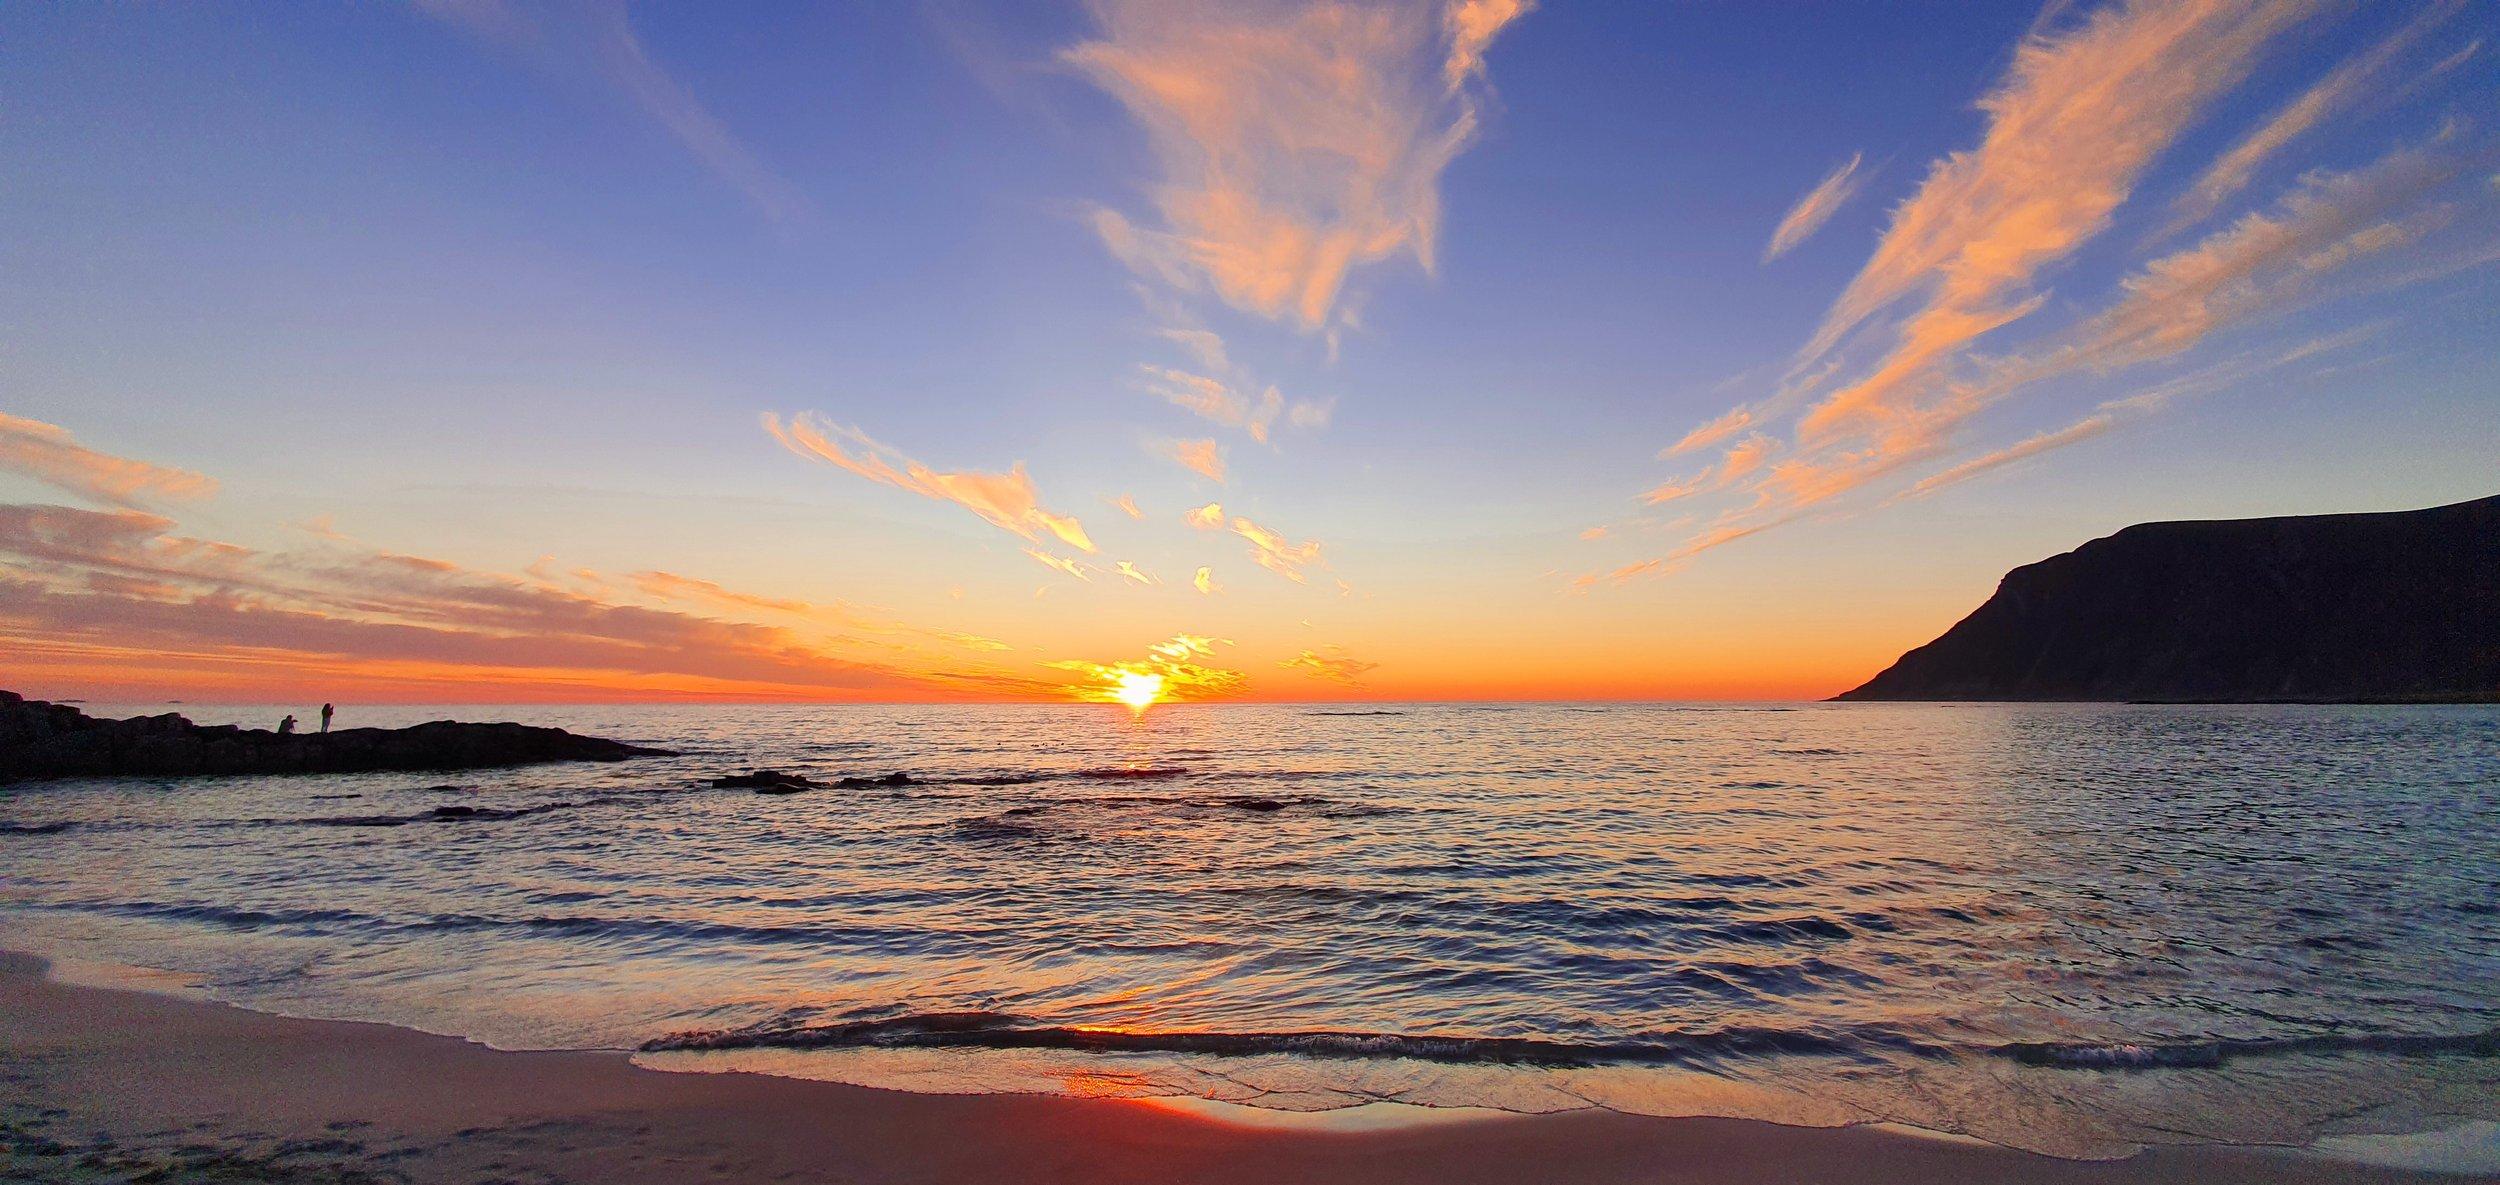 Opplev fantastiske solnedganger med en bobil fra Ferda